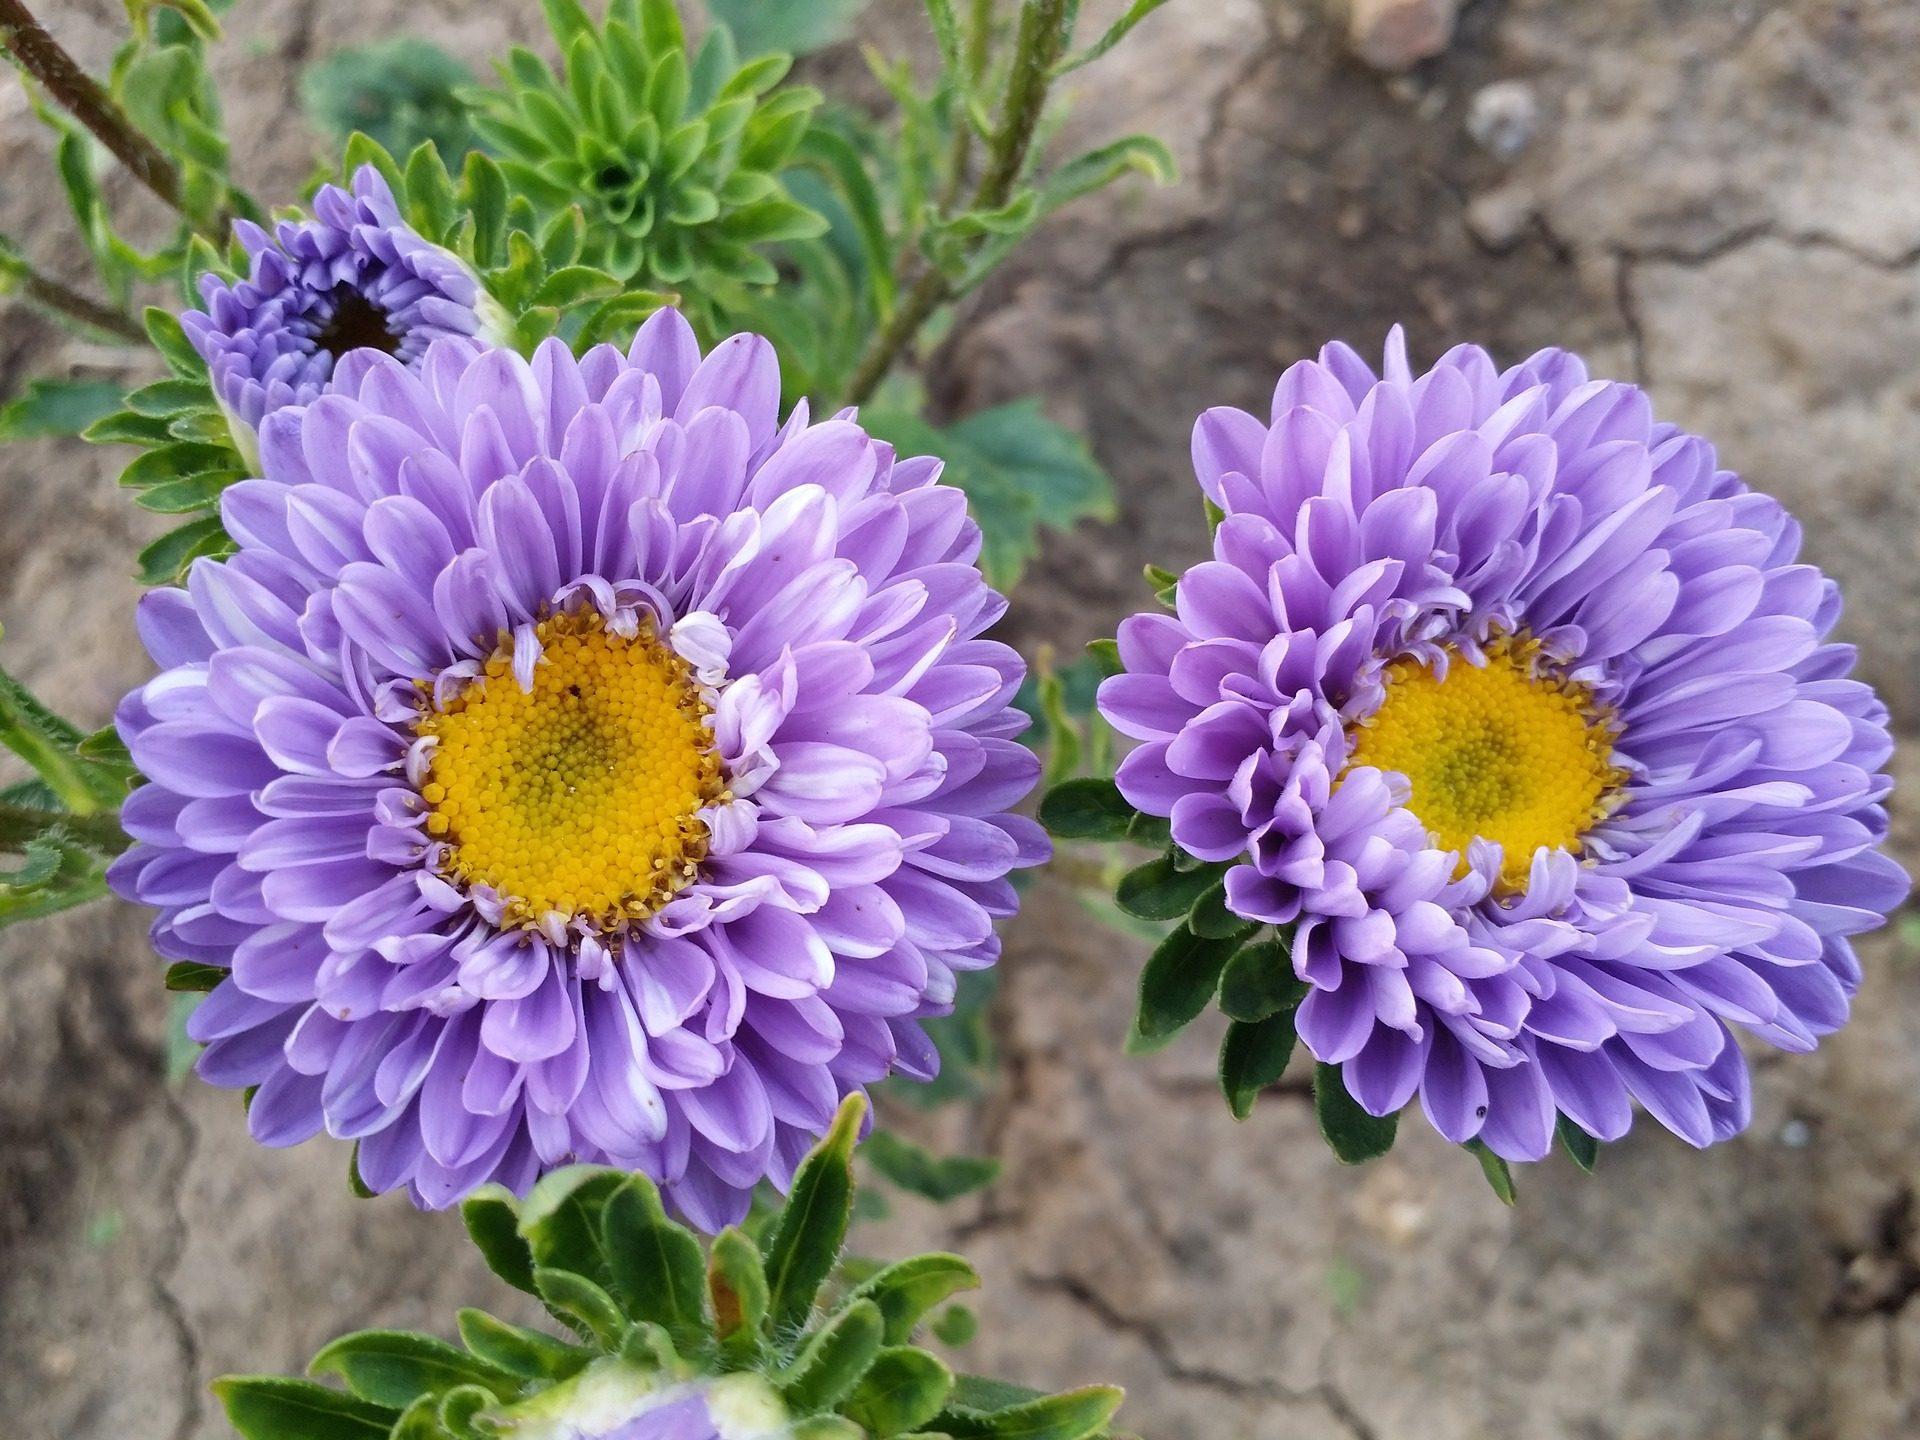 flores, pétalas, quantidade, púrpuras, campo, Jardim - Papéis de parede HD - Professor-falken.com